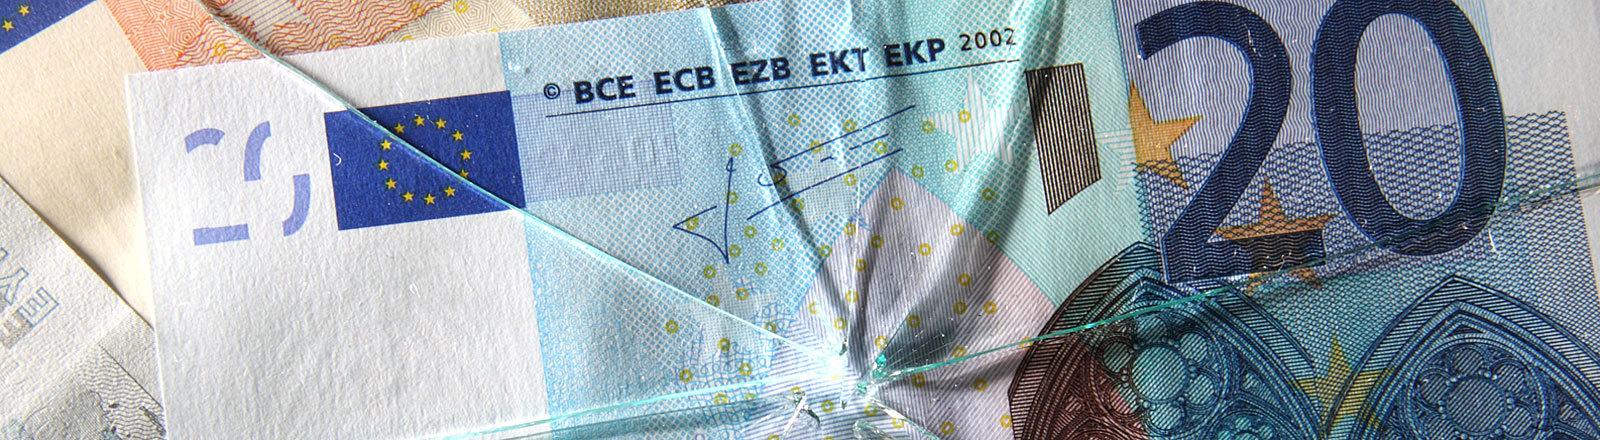 Euro-Geldscheine unter einer zersplitterten Glasscheibe